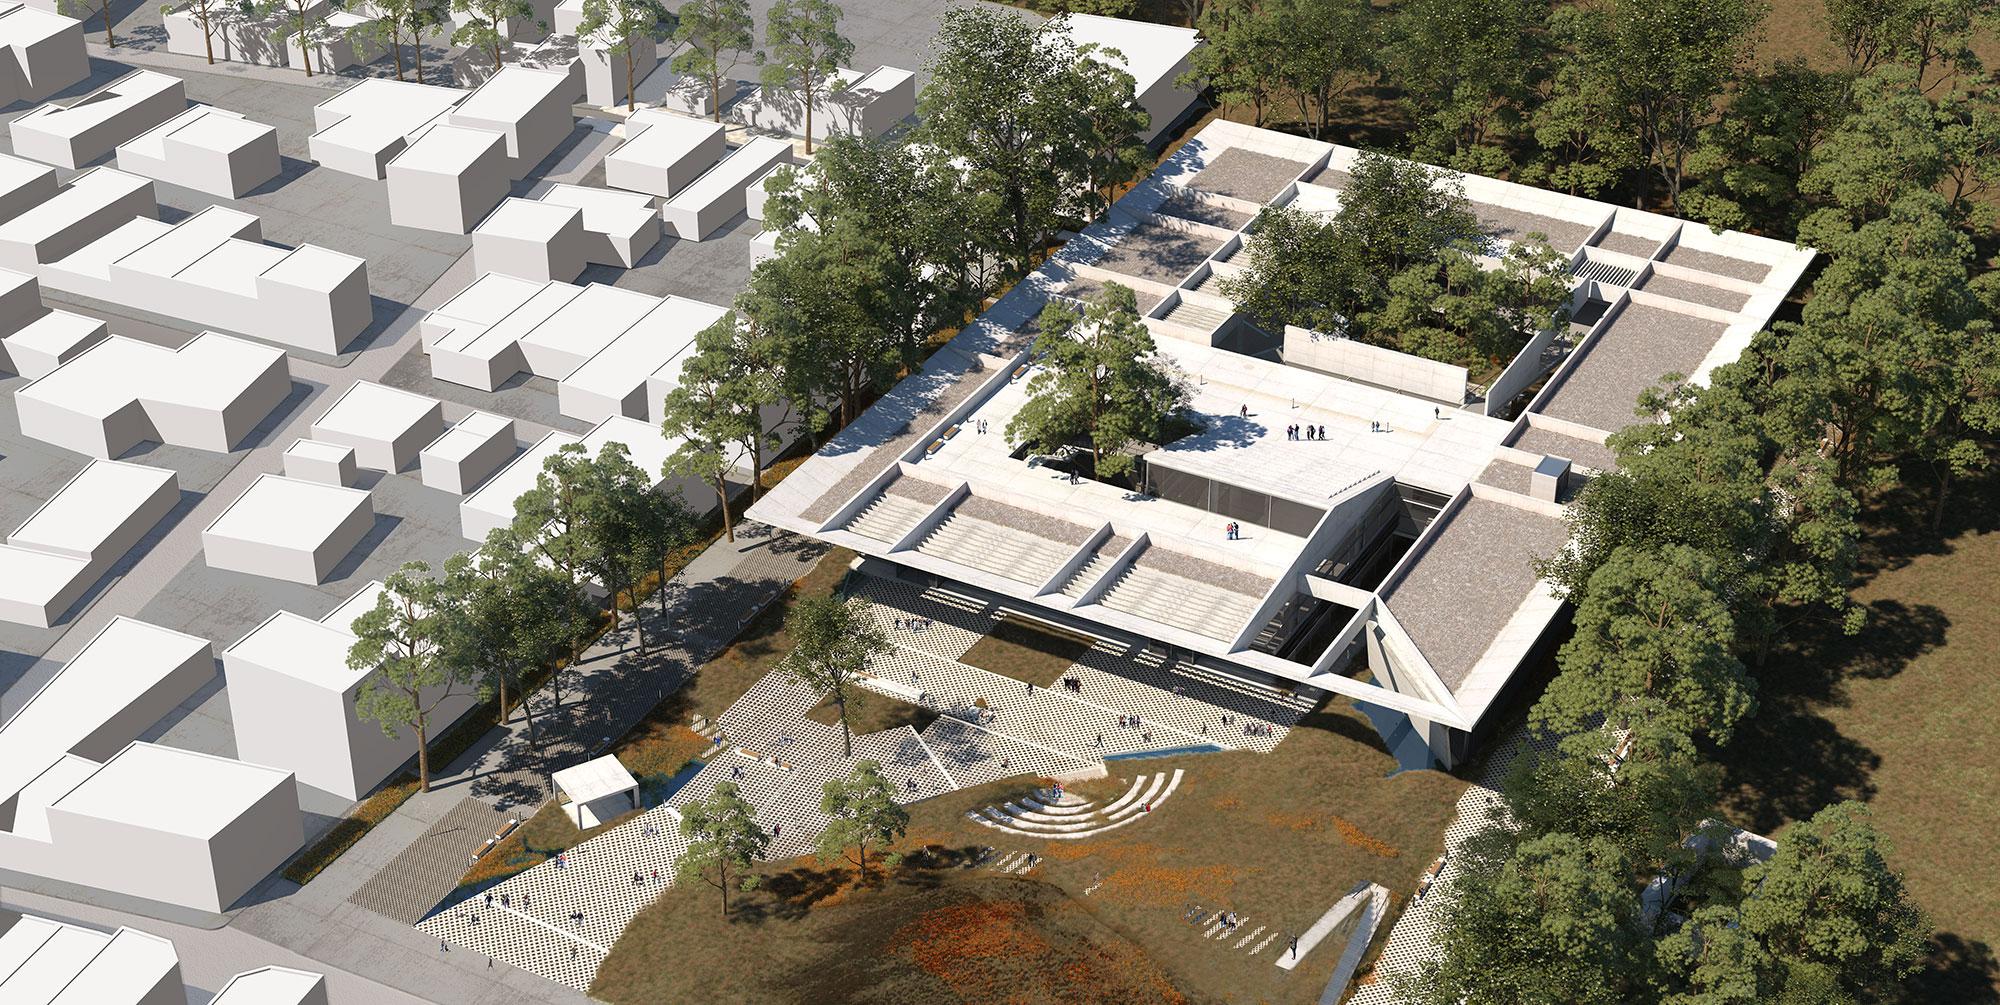 'Ενα στέγαστρο - αστικός κήπος: Κτίριο υπηρεσιών της ΠΕΔΑ στην Ελευσίνα